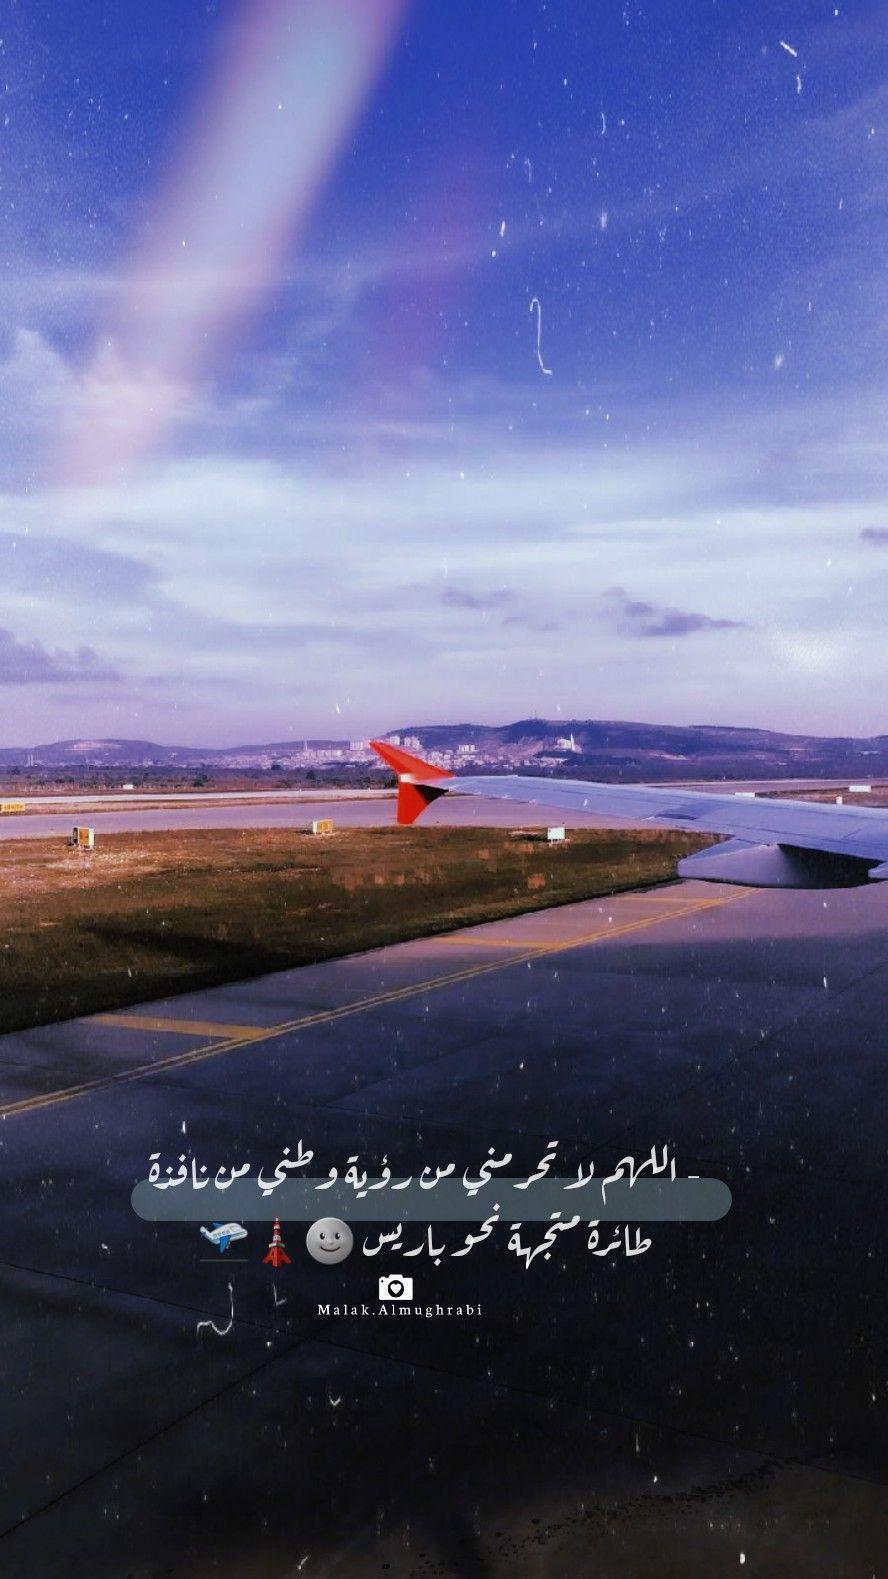 اللهم لا تحرمني من رؤية وطني من نافذة طائرة متجهة نحو باريس Lockscreen Screenshot Screenshots Lockscreen